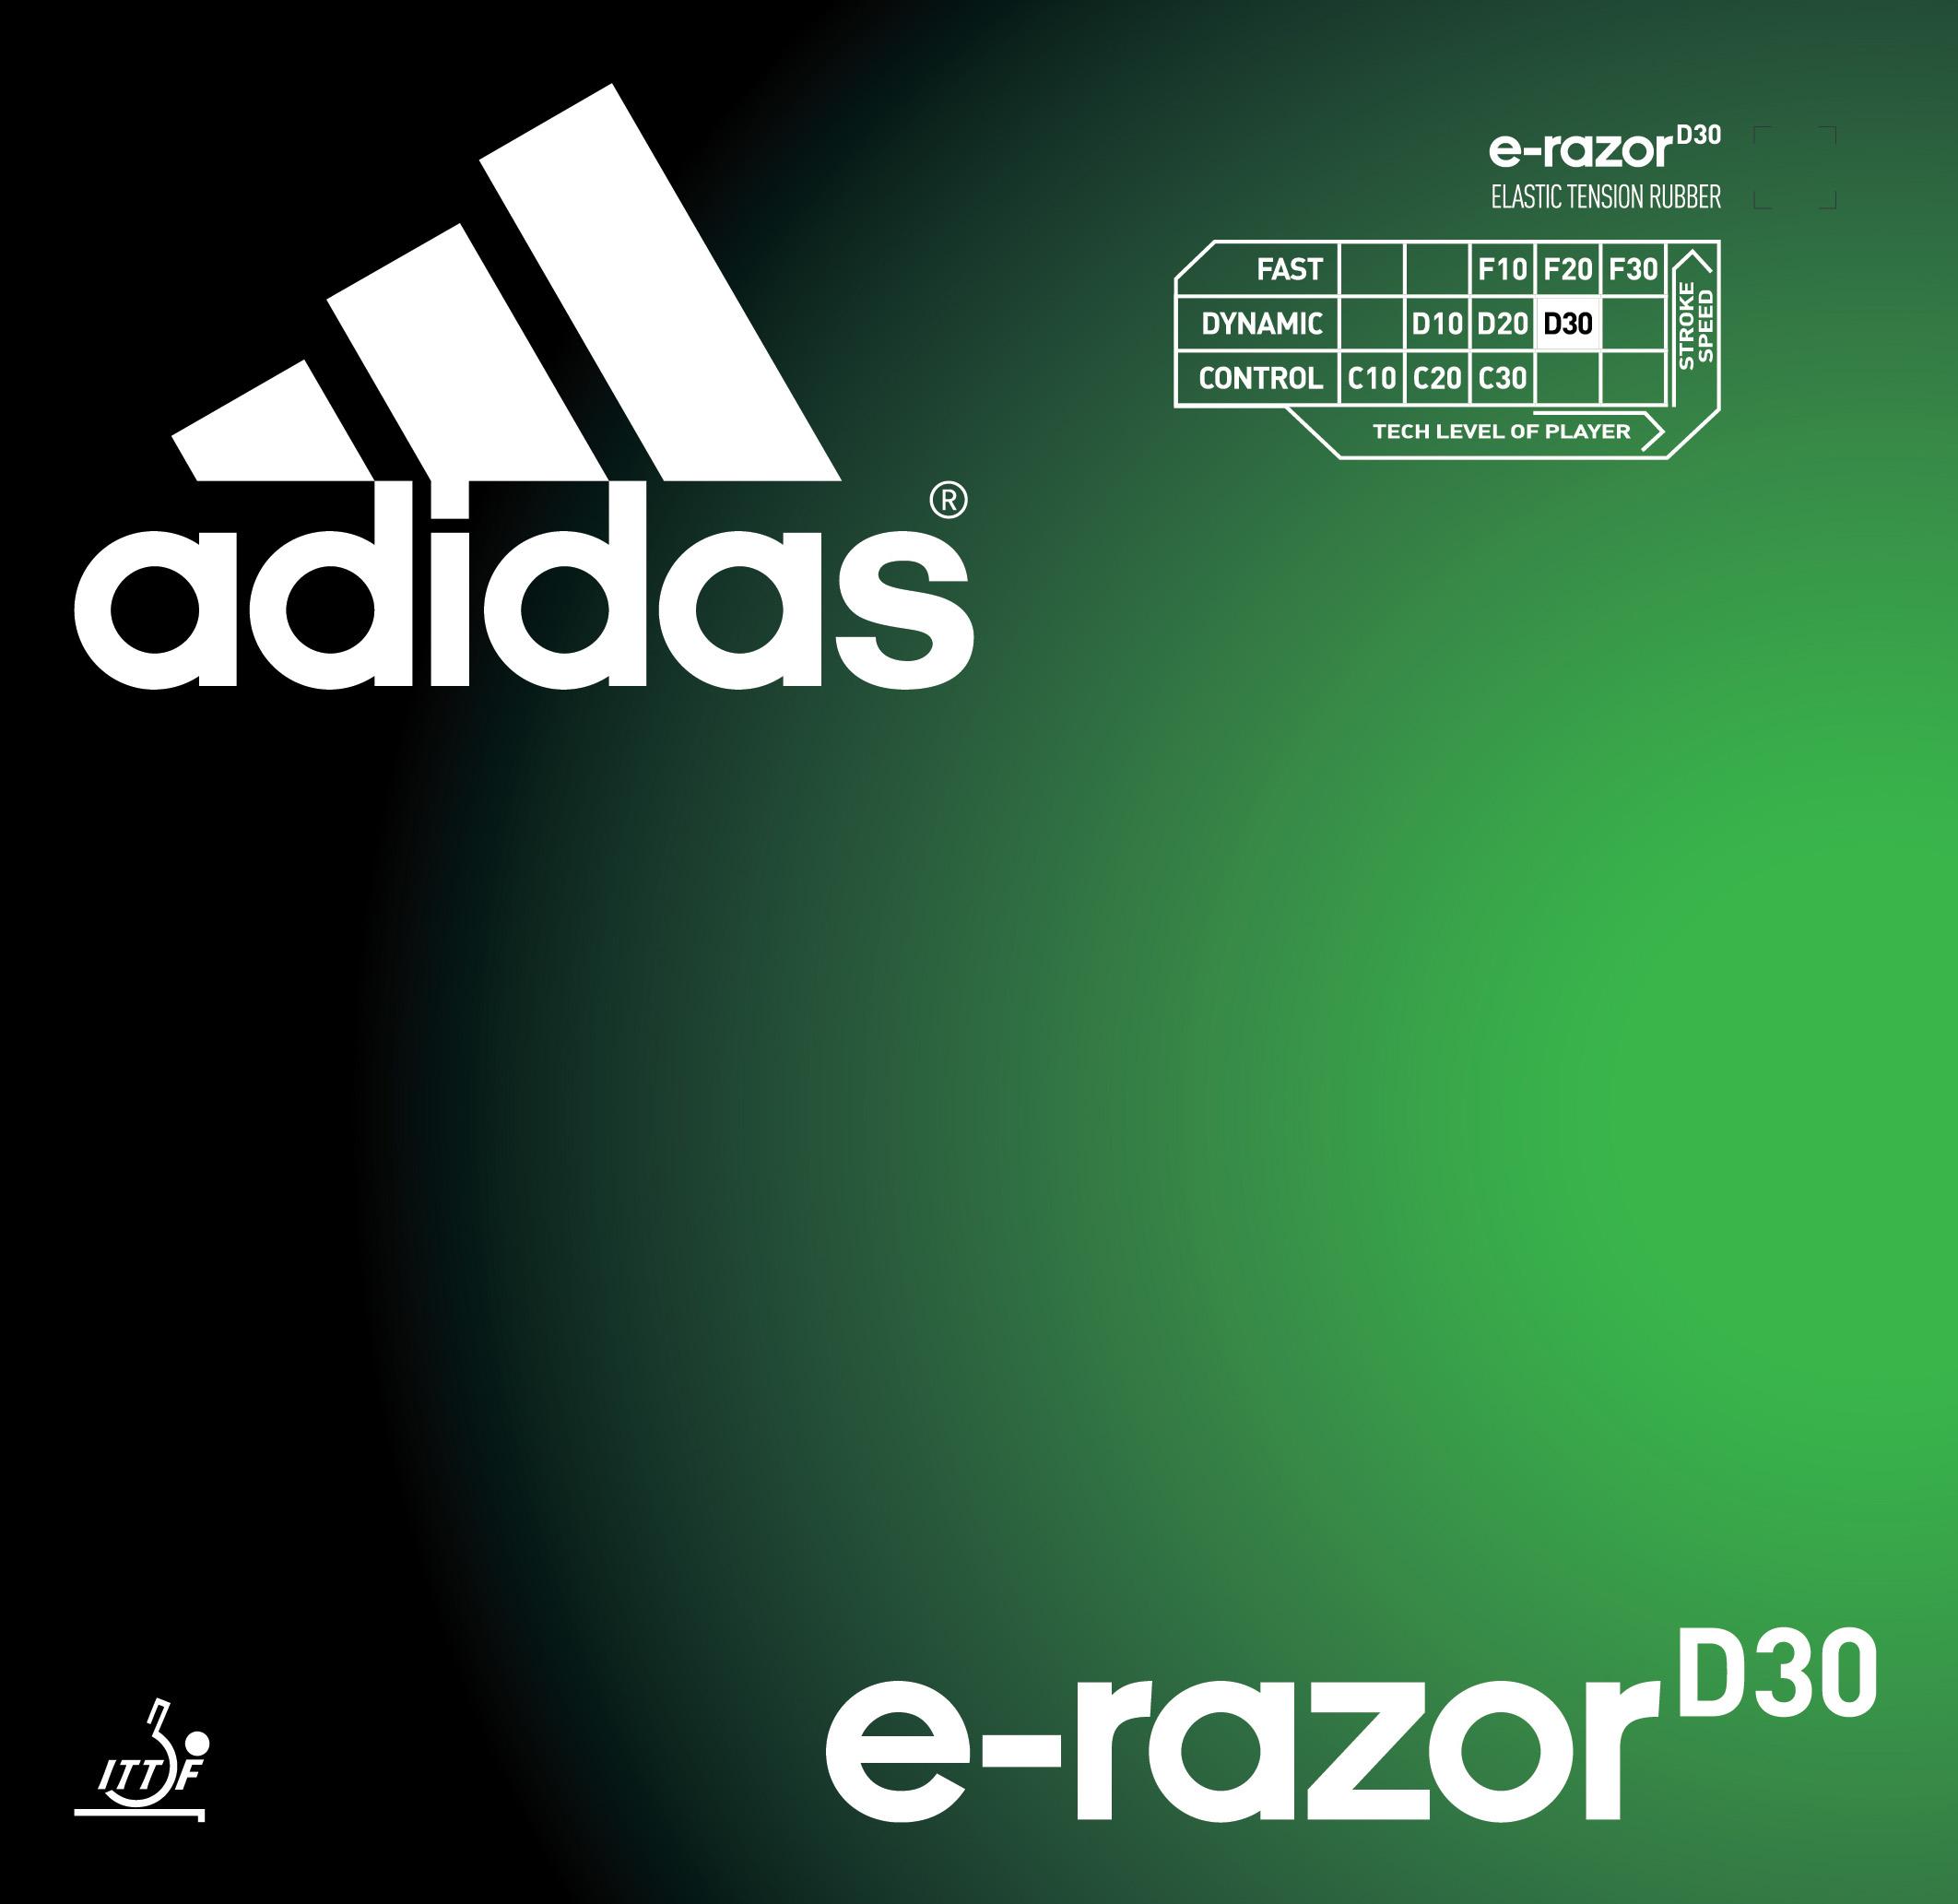 Adidas E-Razor D30 - Tischtennis Belag